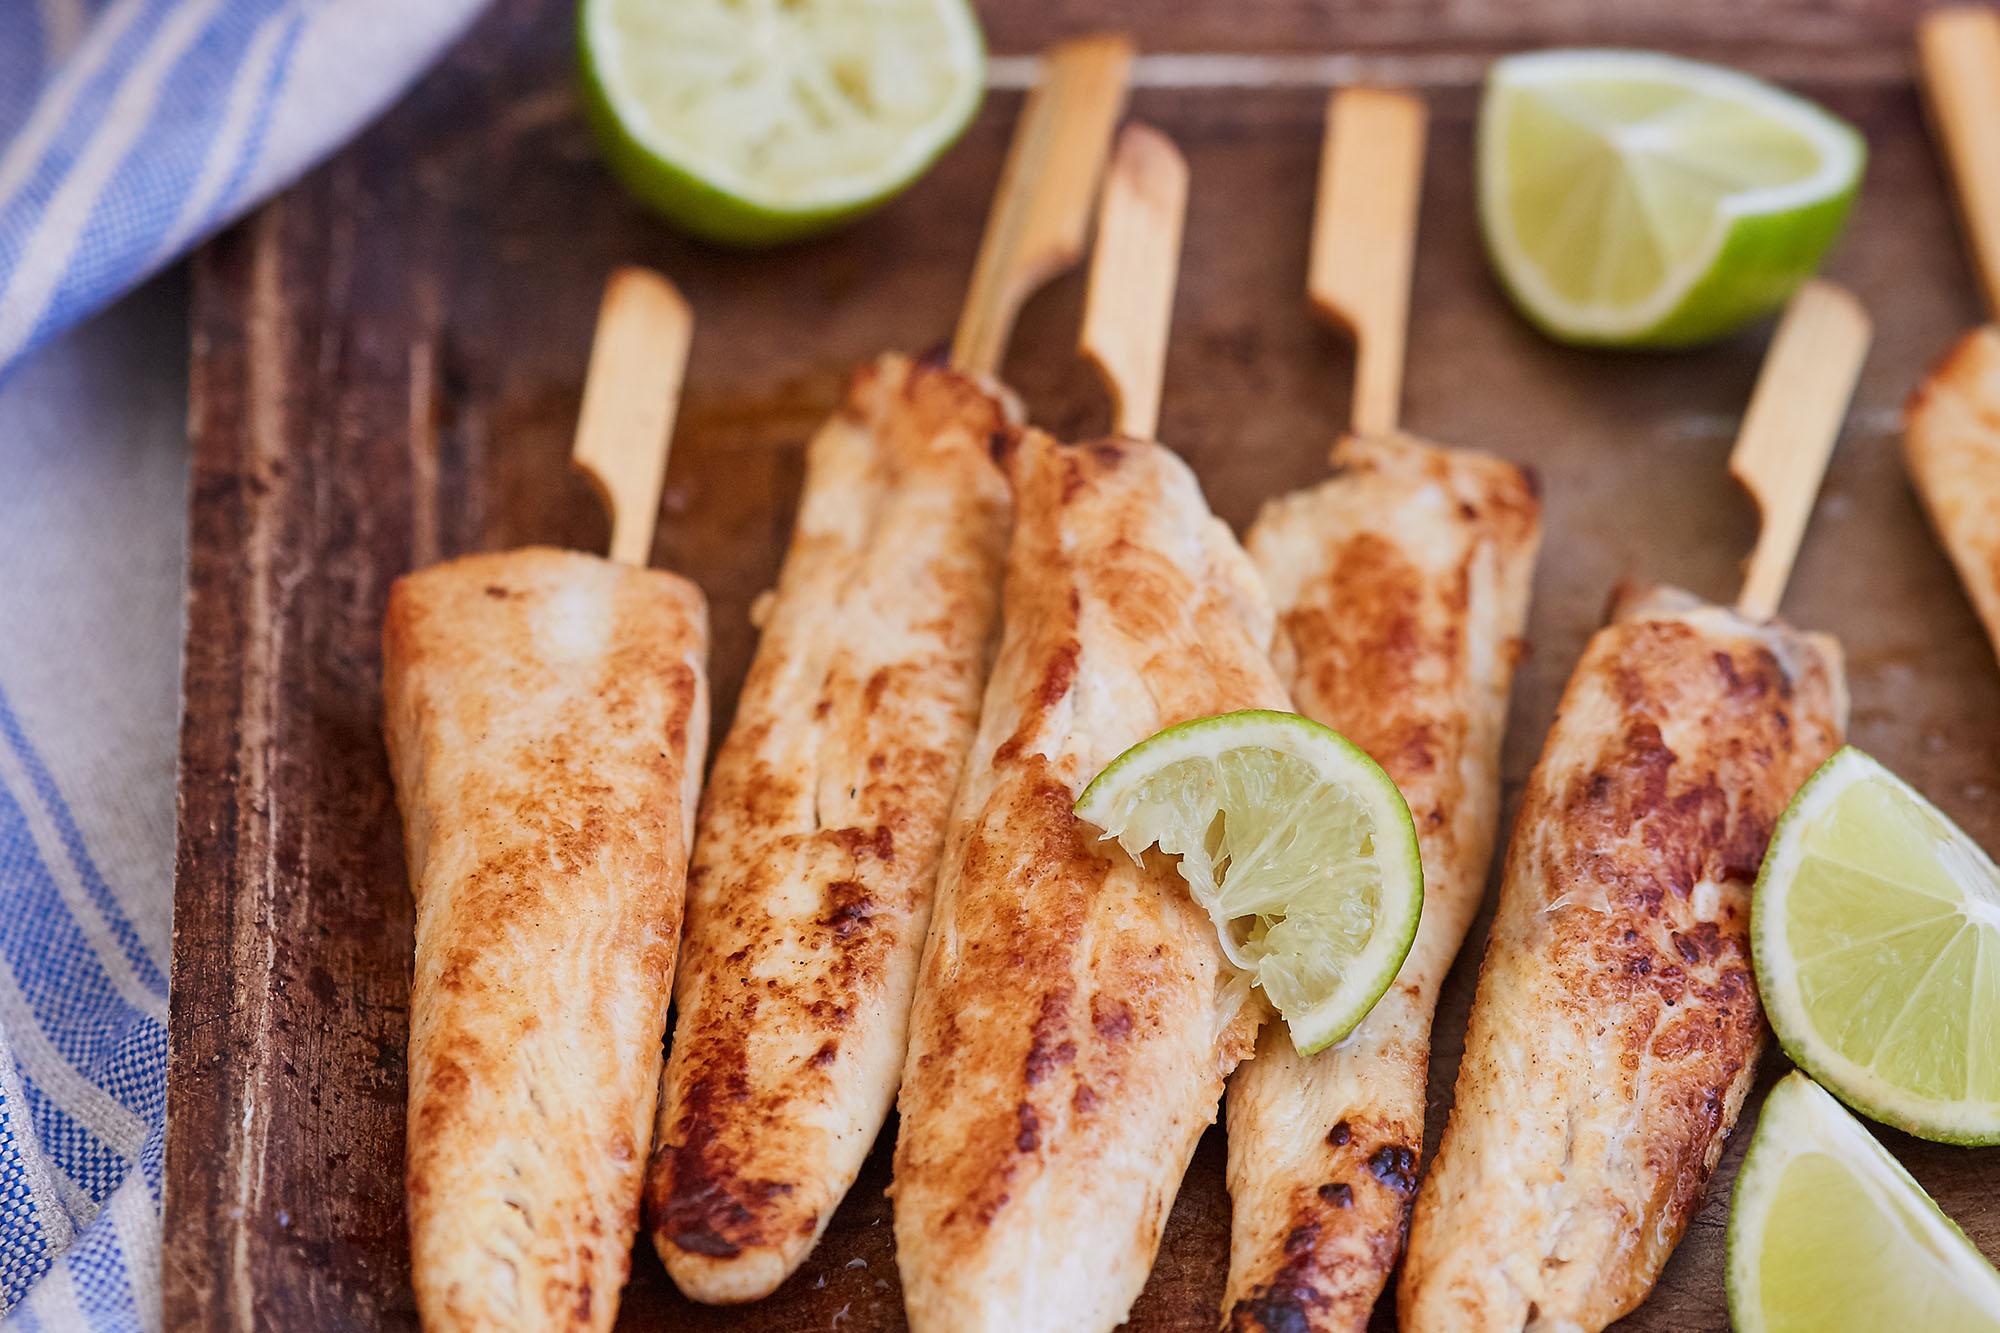 Pinchos de pollo al fondor